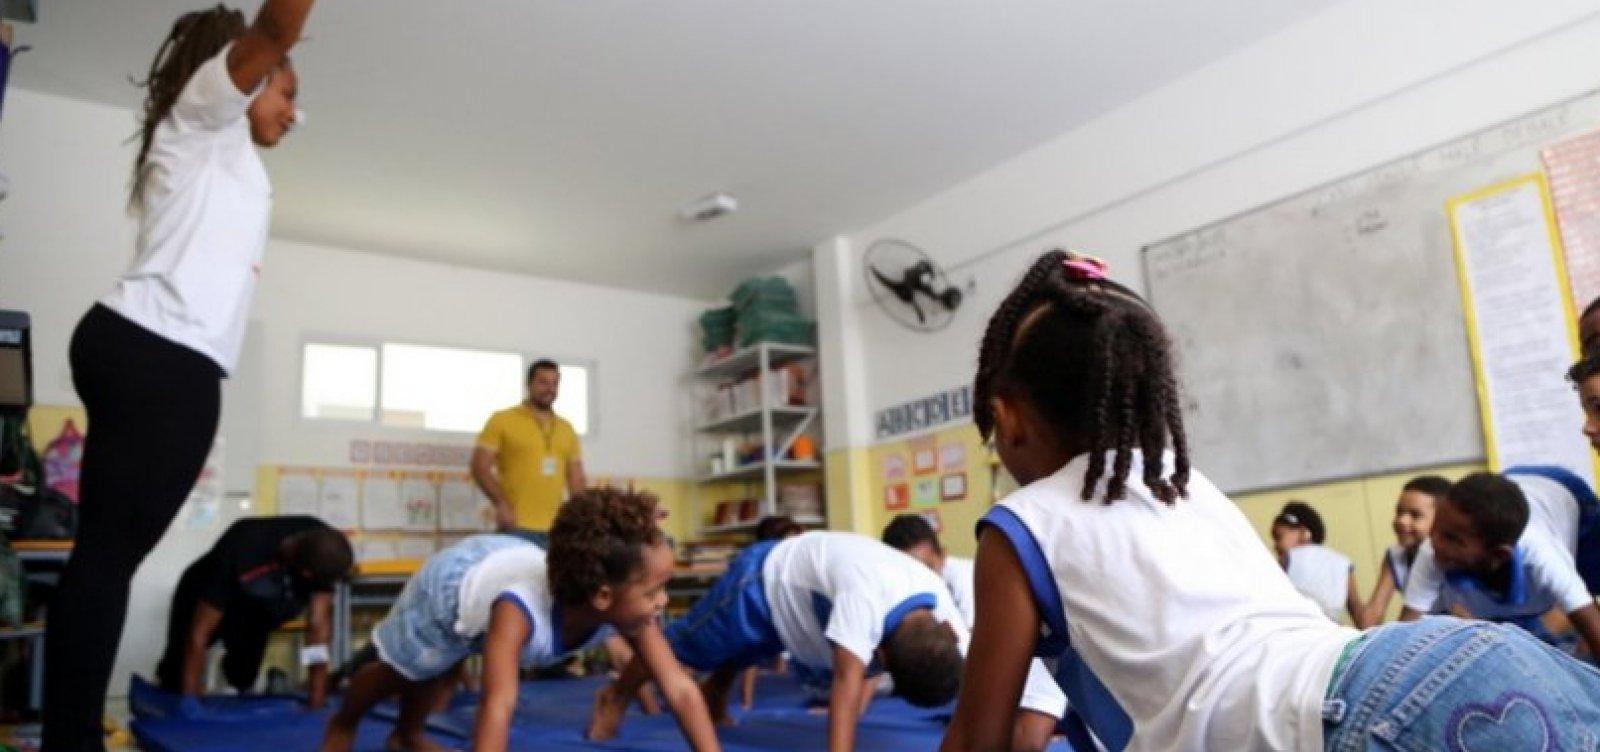 Agentes de educação da rede municipal de ensino pedem vacina